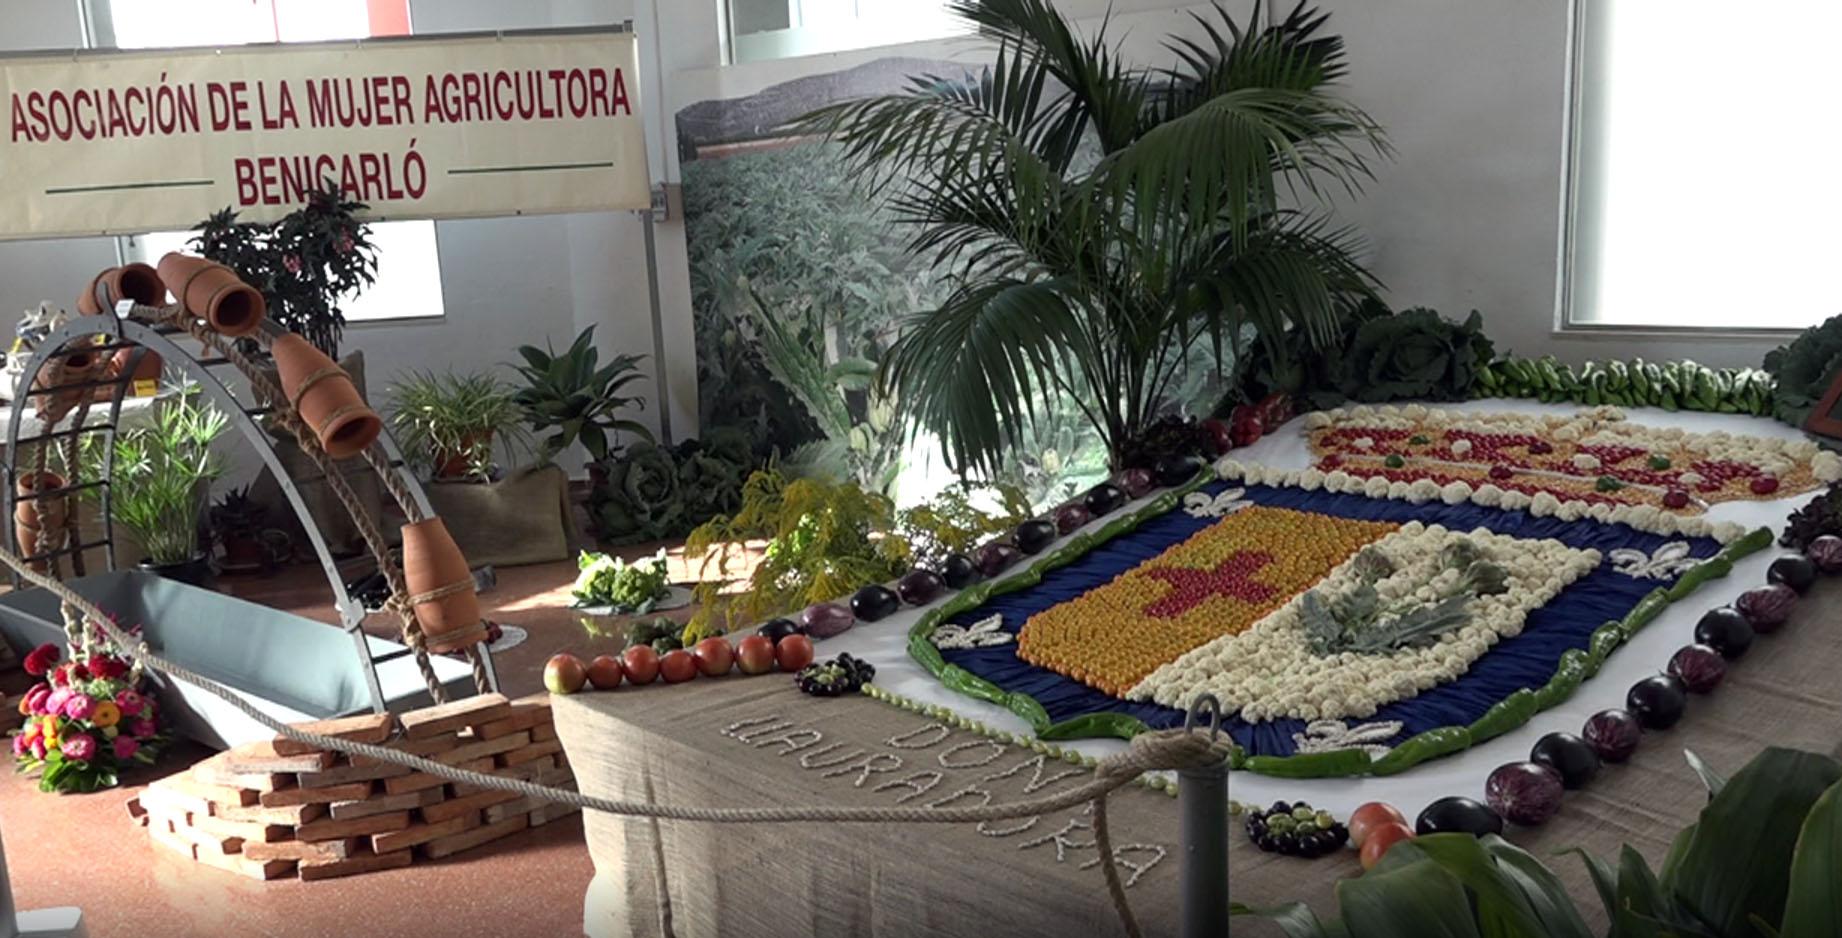 Benicarló, centenars de persones visiten la 72a Exposició de Productes del Camp i Eines Agrícoles